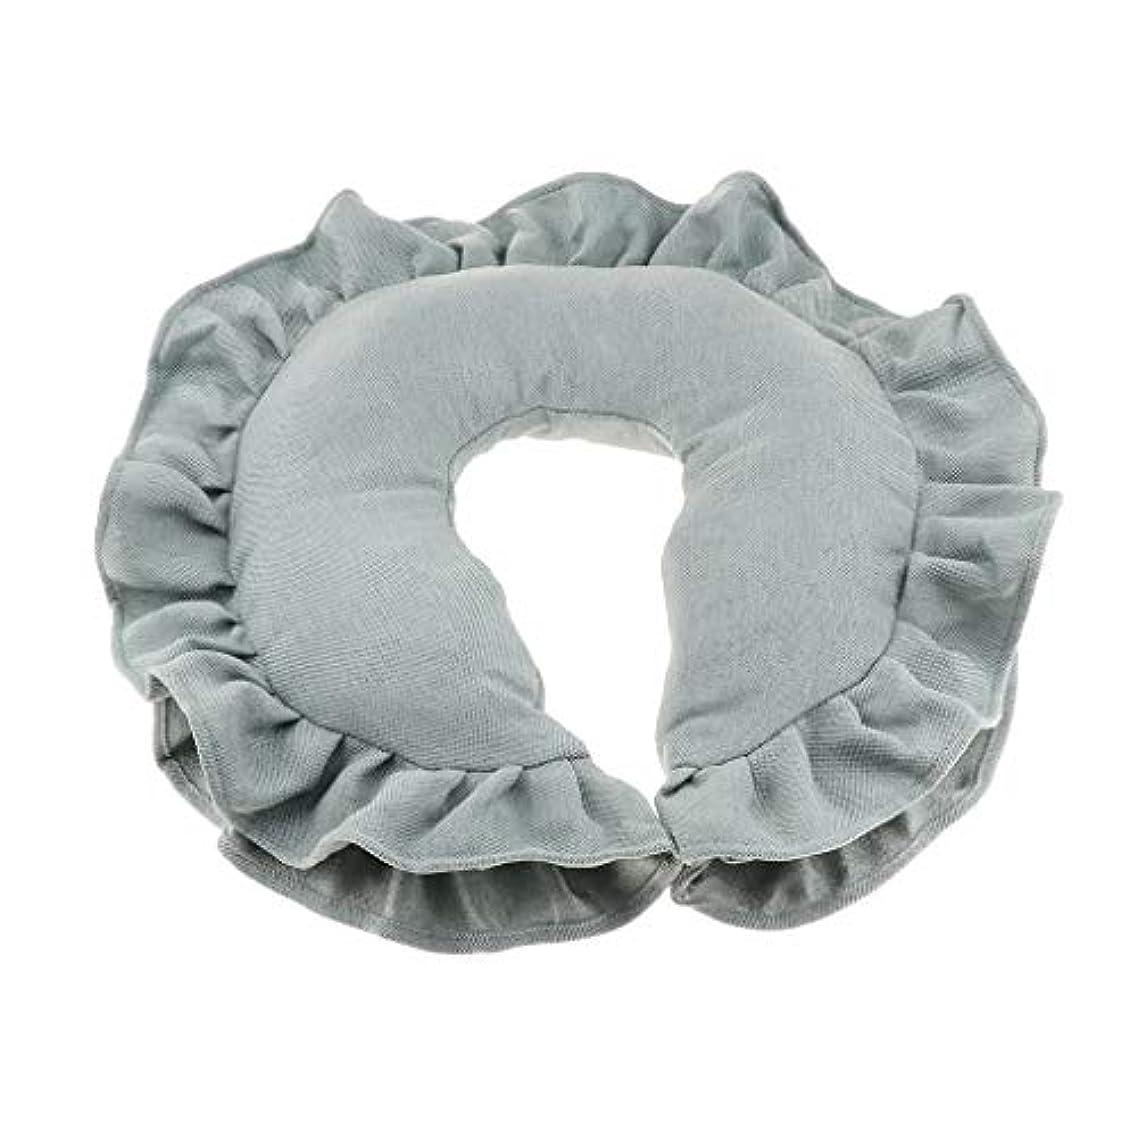 D DOLITY マッサージピロー ネックピロー 顔枕 U字型 洗えるカバー 柔軟性 快適 全4色 - 緑